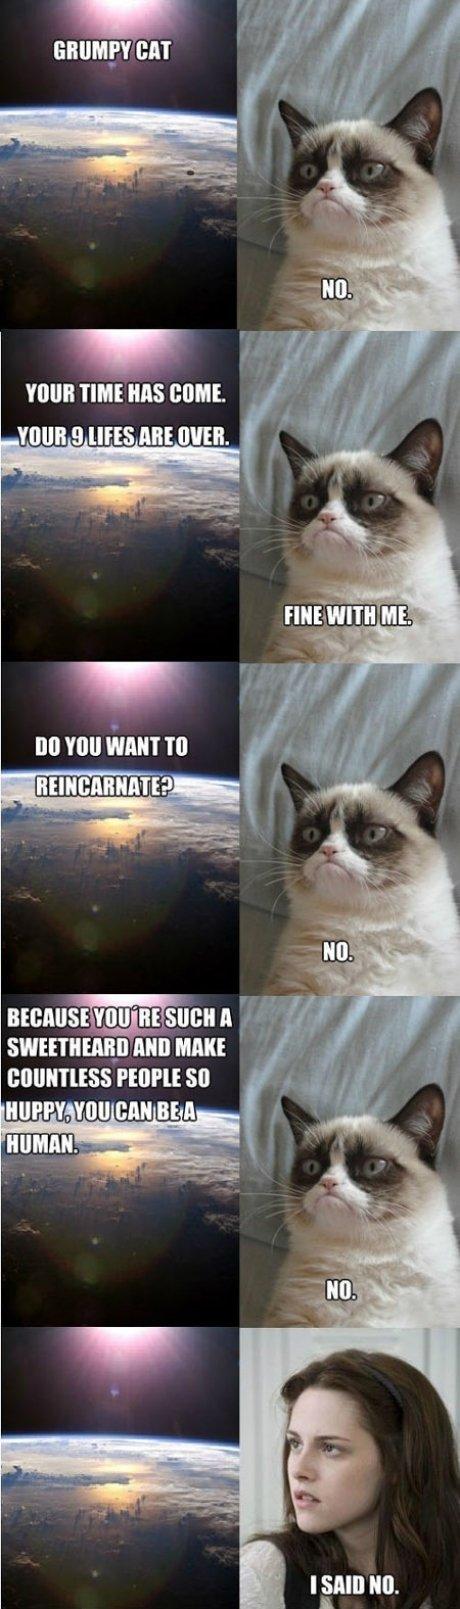 grumpy cat. . TIME MS dmit. VINE g HHS ME HIKE. TIMI HINT TO kirill alum mm FE[ Ipl. £ so alt. Sweetheard?